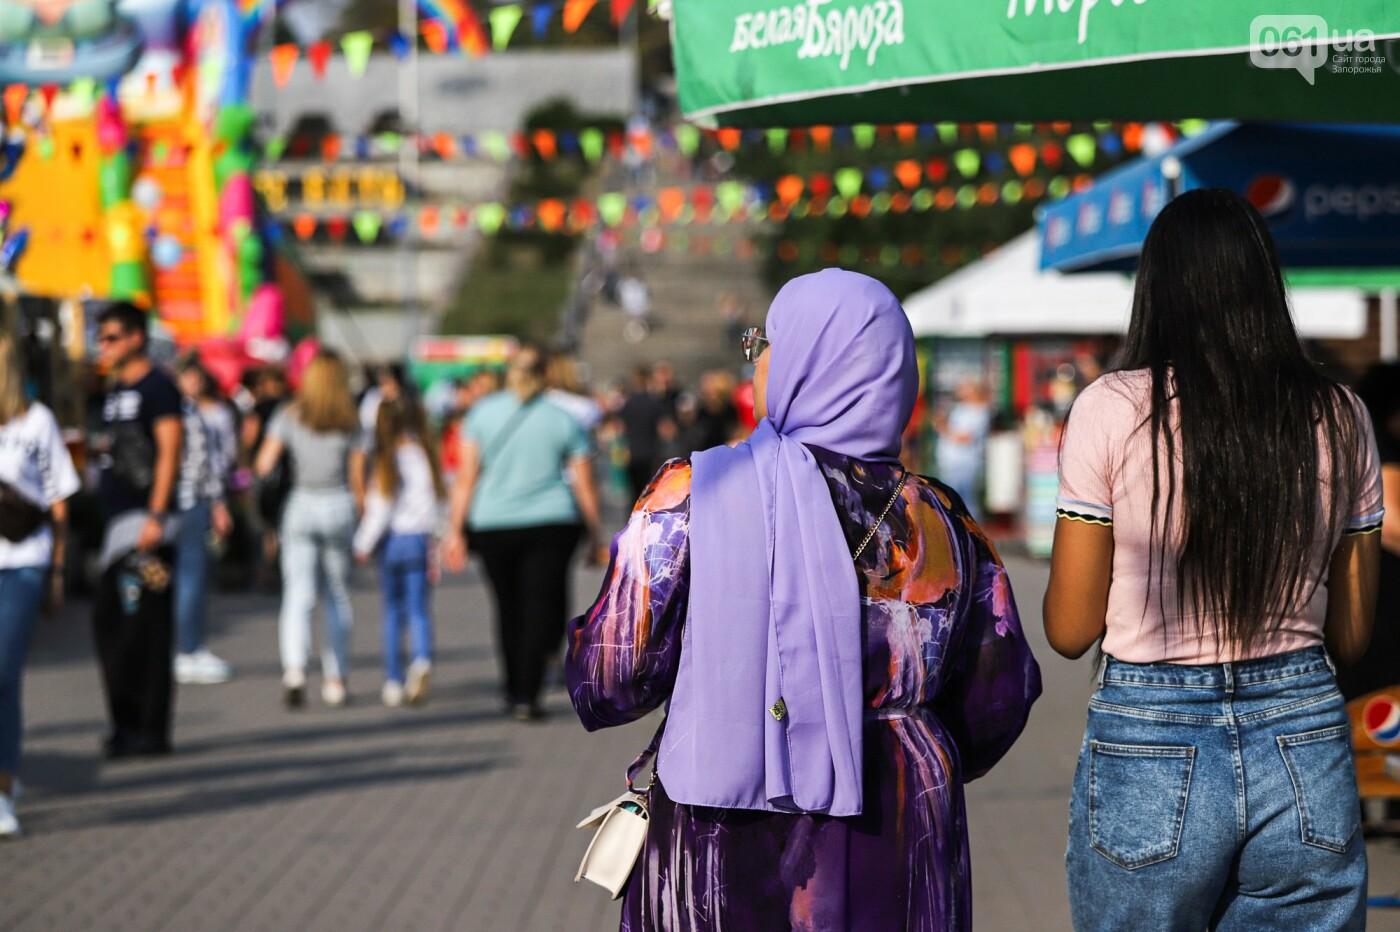 Бограч в хлебных горшочках и мясо из уникальной печи: что нового на фестивале уличной еды в Запорожье, - ФОТОРЕПОРТАЖ, фото-43